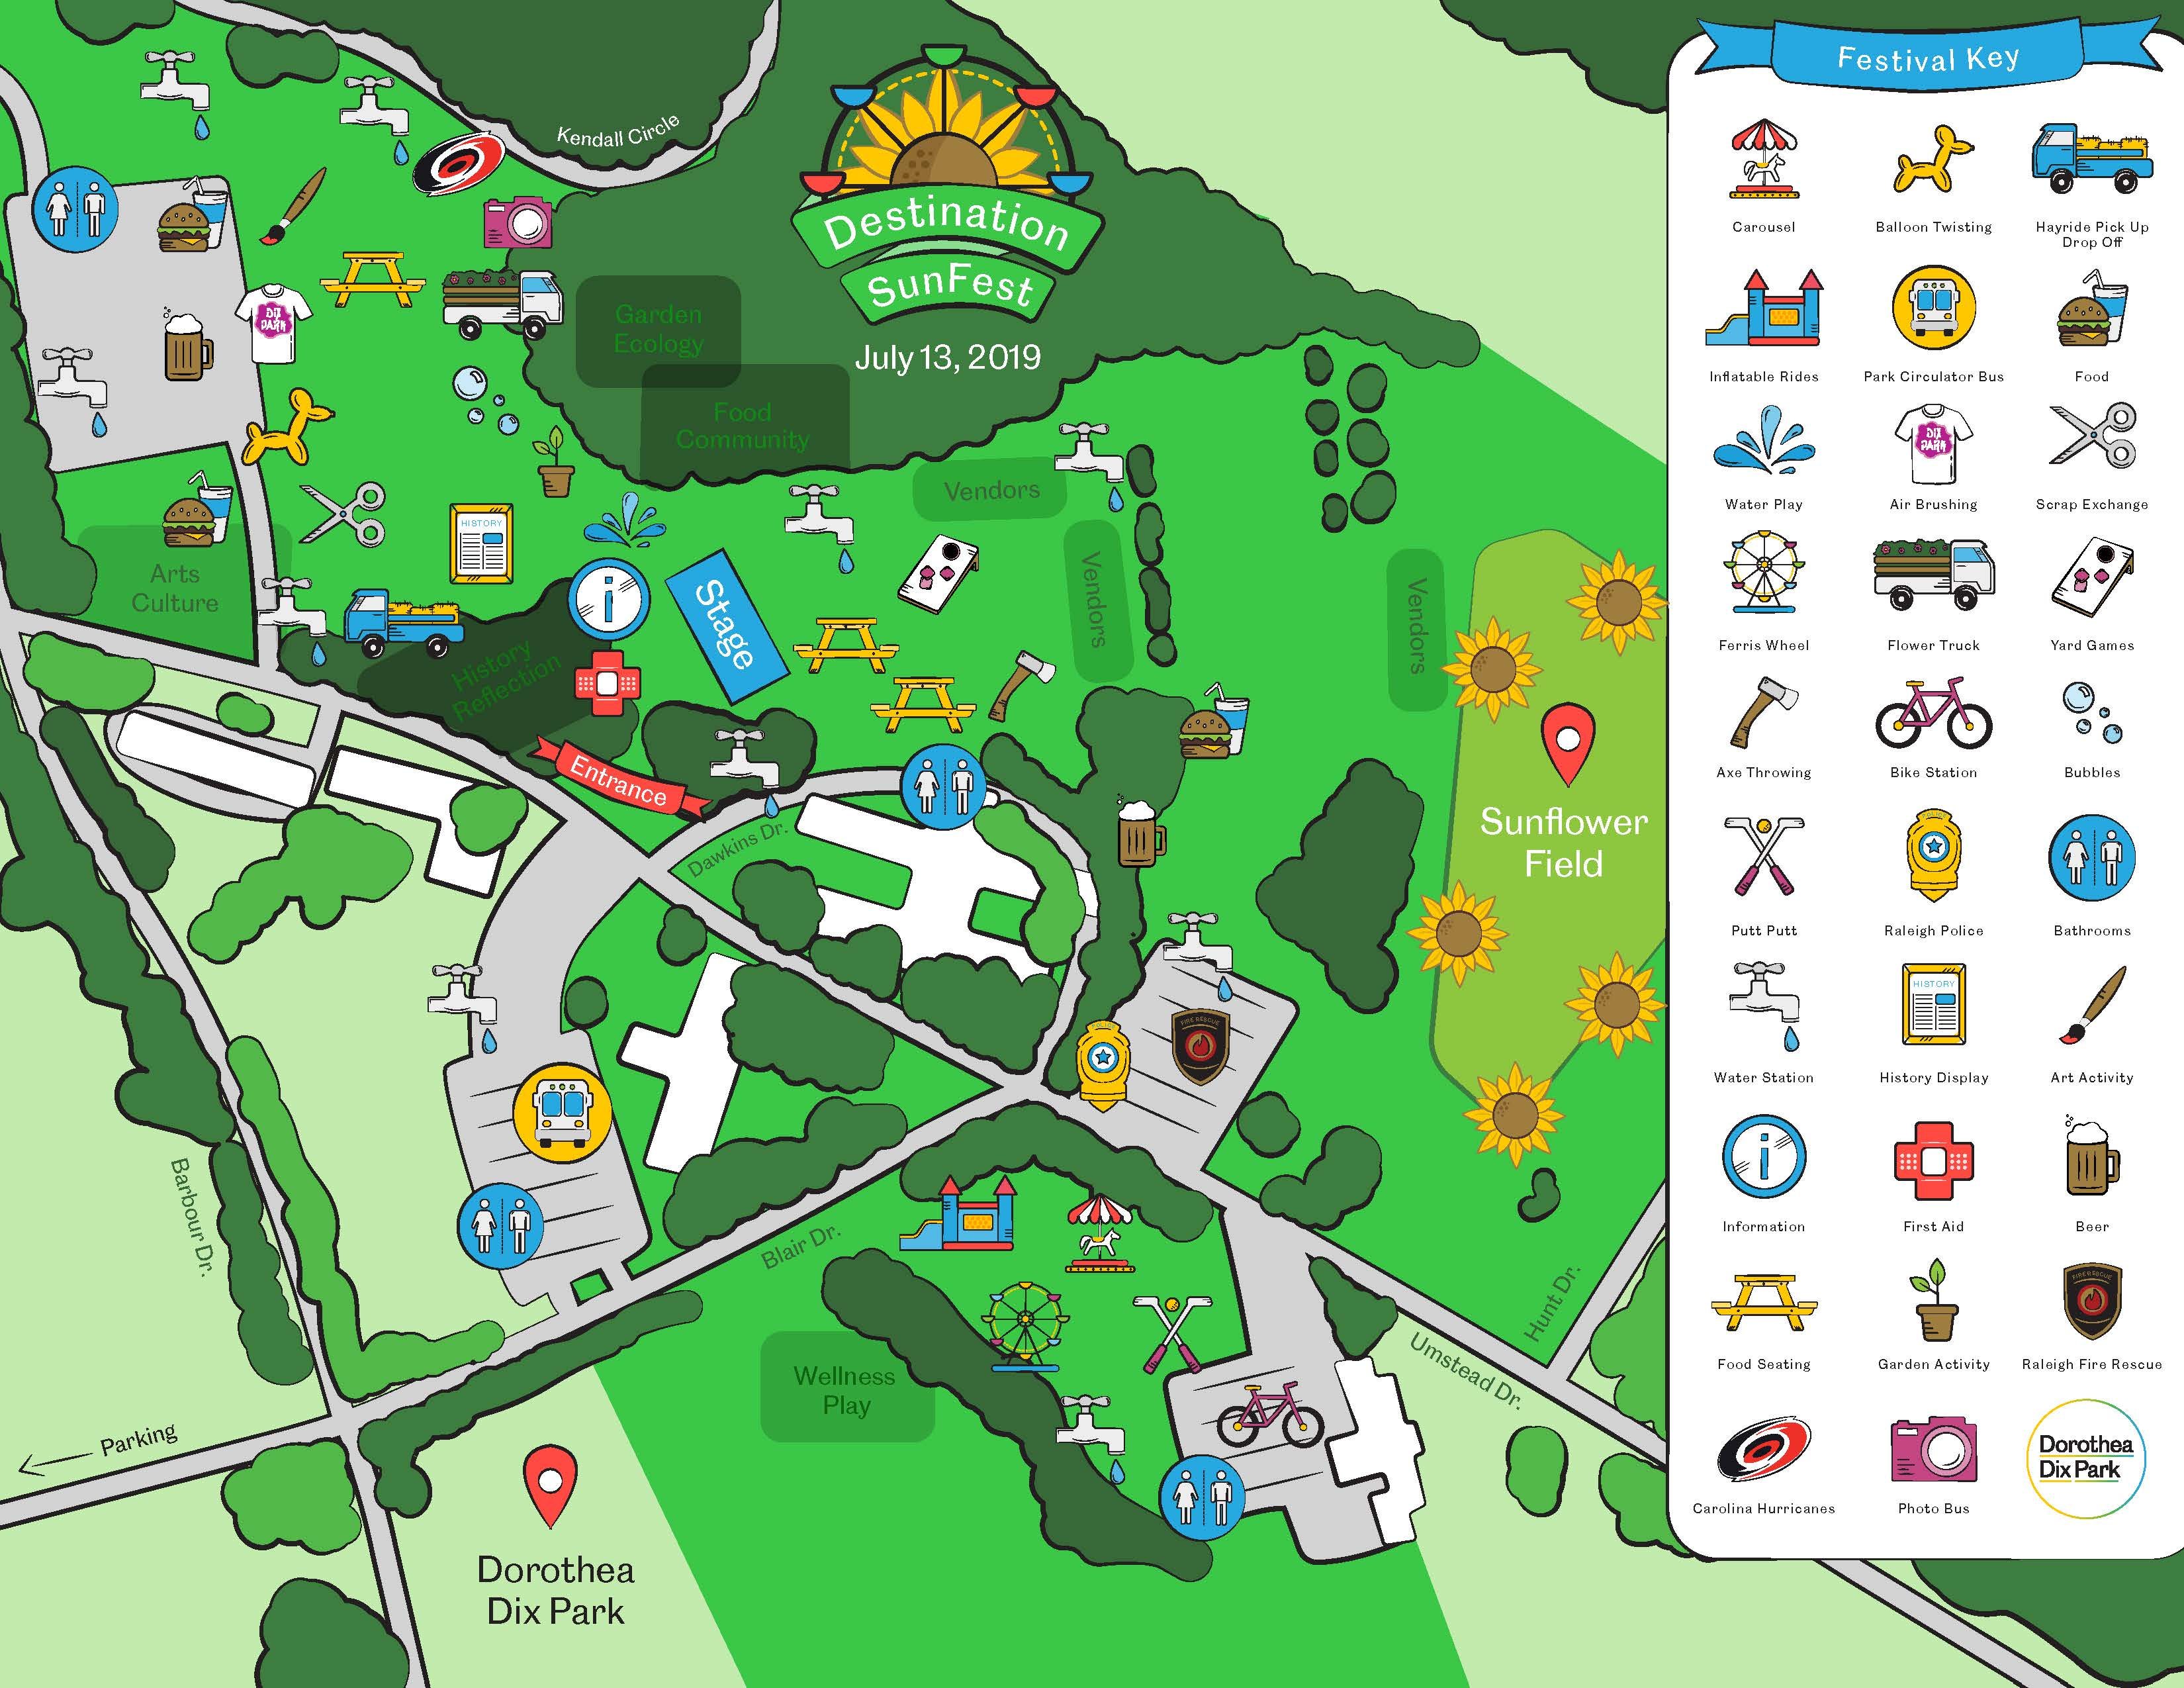 dorothea dix campus map Destination Sunfest Dorothea Dix Park dorothea dix campus map